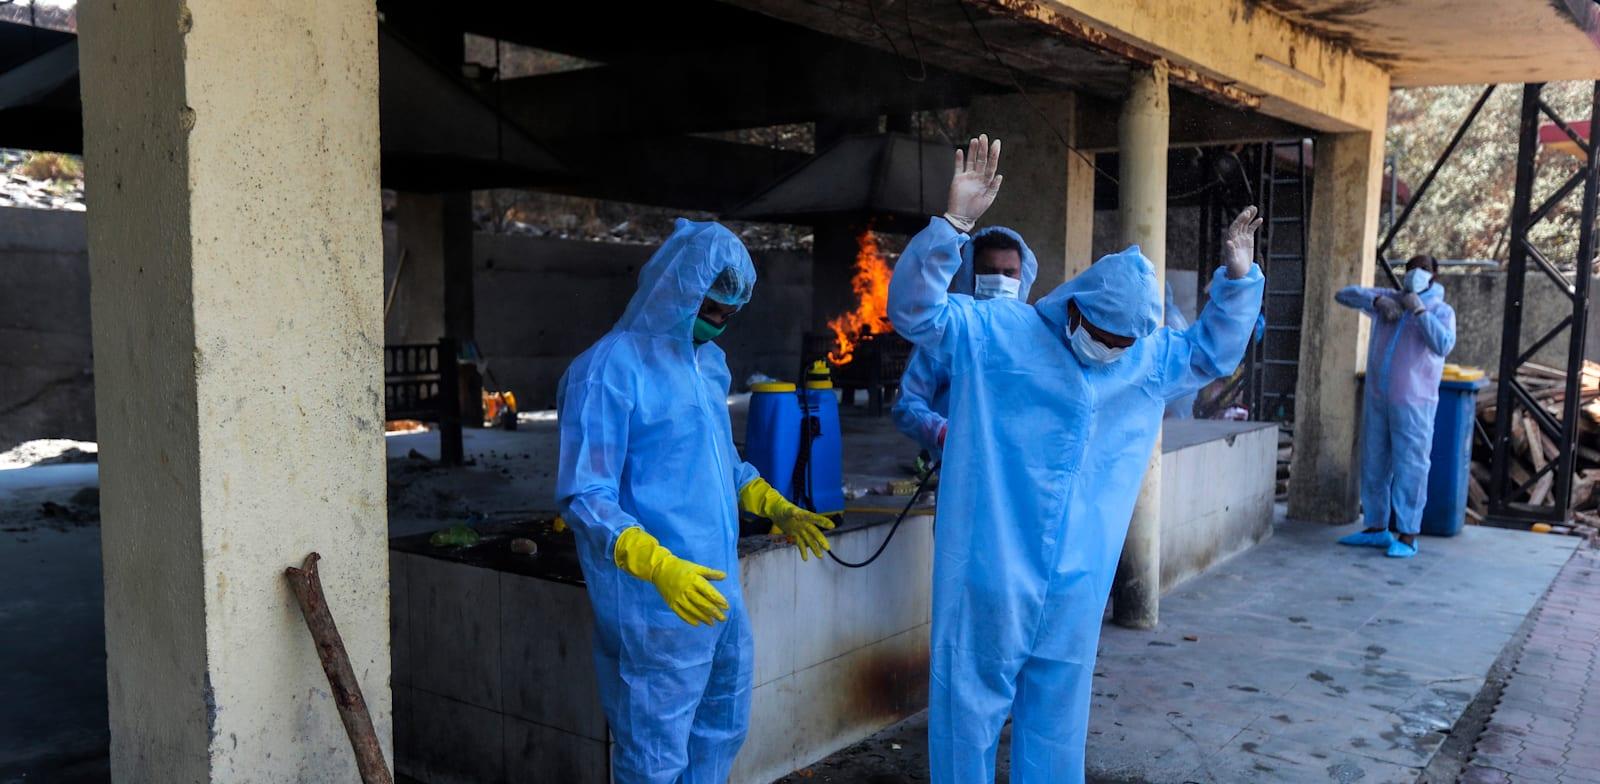 צוות רפואי מחטא את עצמו  / צילום: Associated Press, Rafiq Maqbool